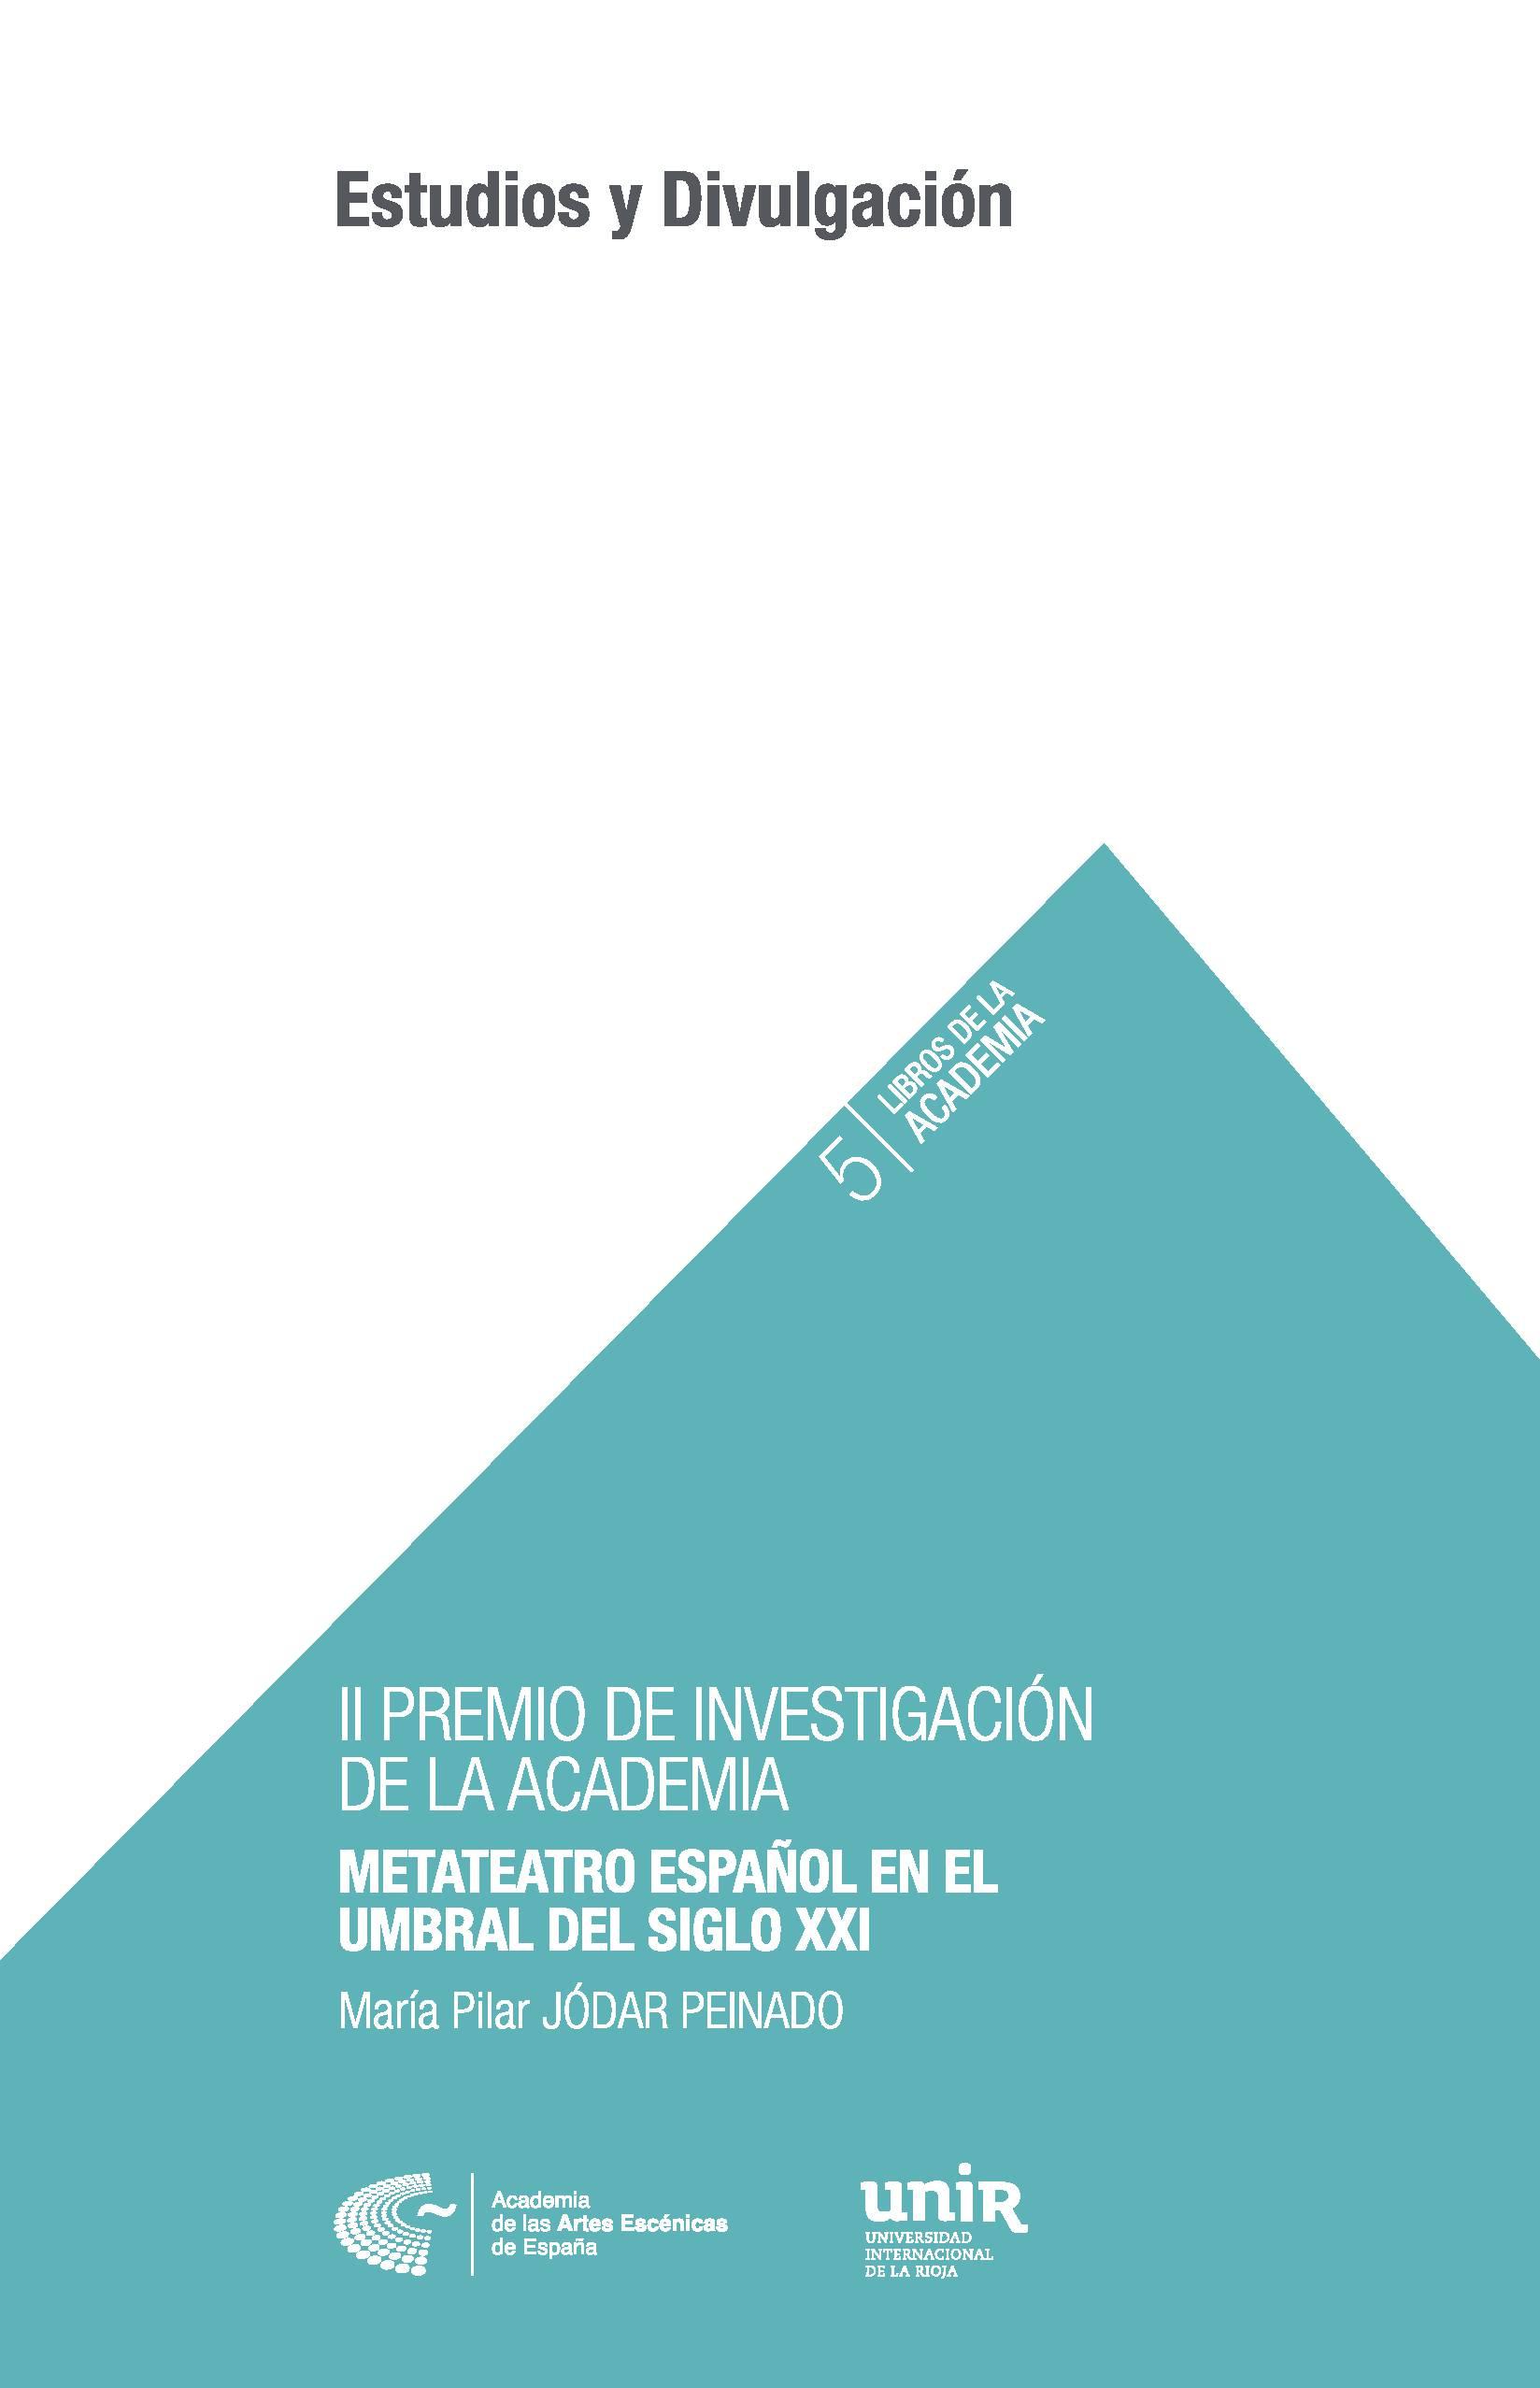 Foto de 5. II Premio de Investigación de la Academia: Metateatro Español en el umbral del Siglo XXI